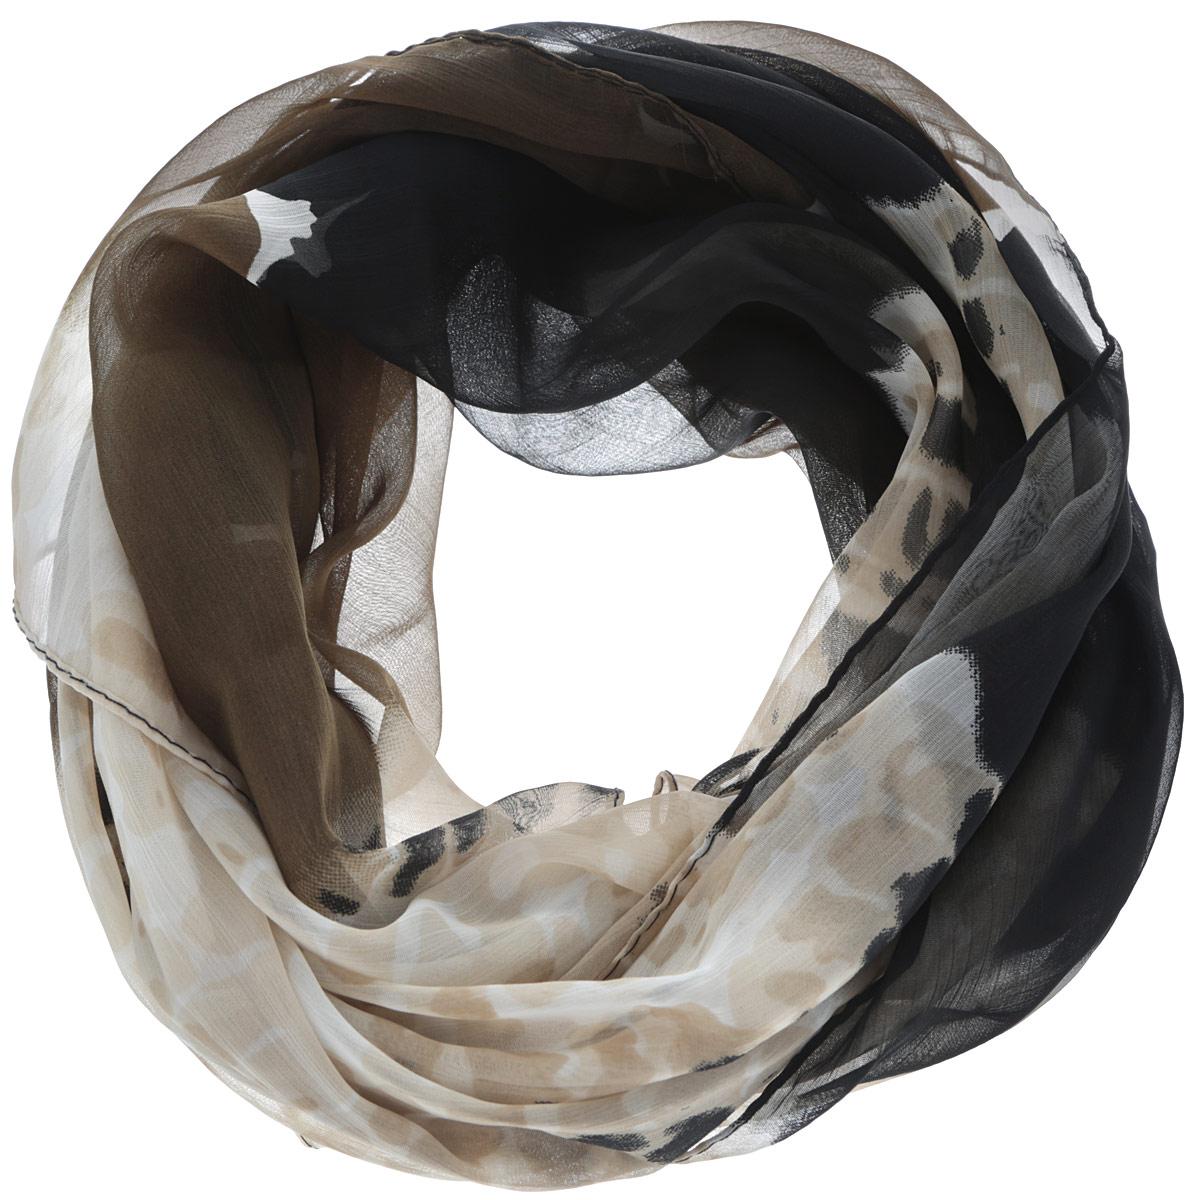 Шарф262040Женский шарф Ethnica, изготовленный из вискозы, подчеркнет вашу индивидуальность. Благодаря своему составу, он легкий, мягкий и приятный на ощупь. Изделие оформлено оригинальным принтом. Такой аксессуар станет стильным дополнением к гардеробу современной женщины.